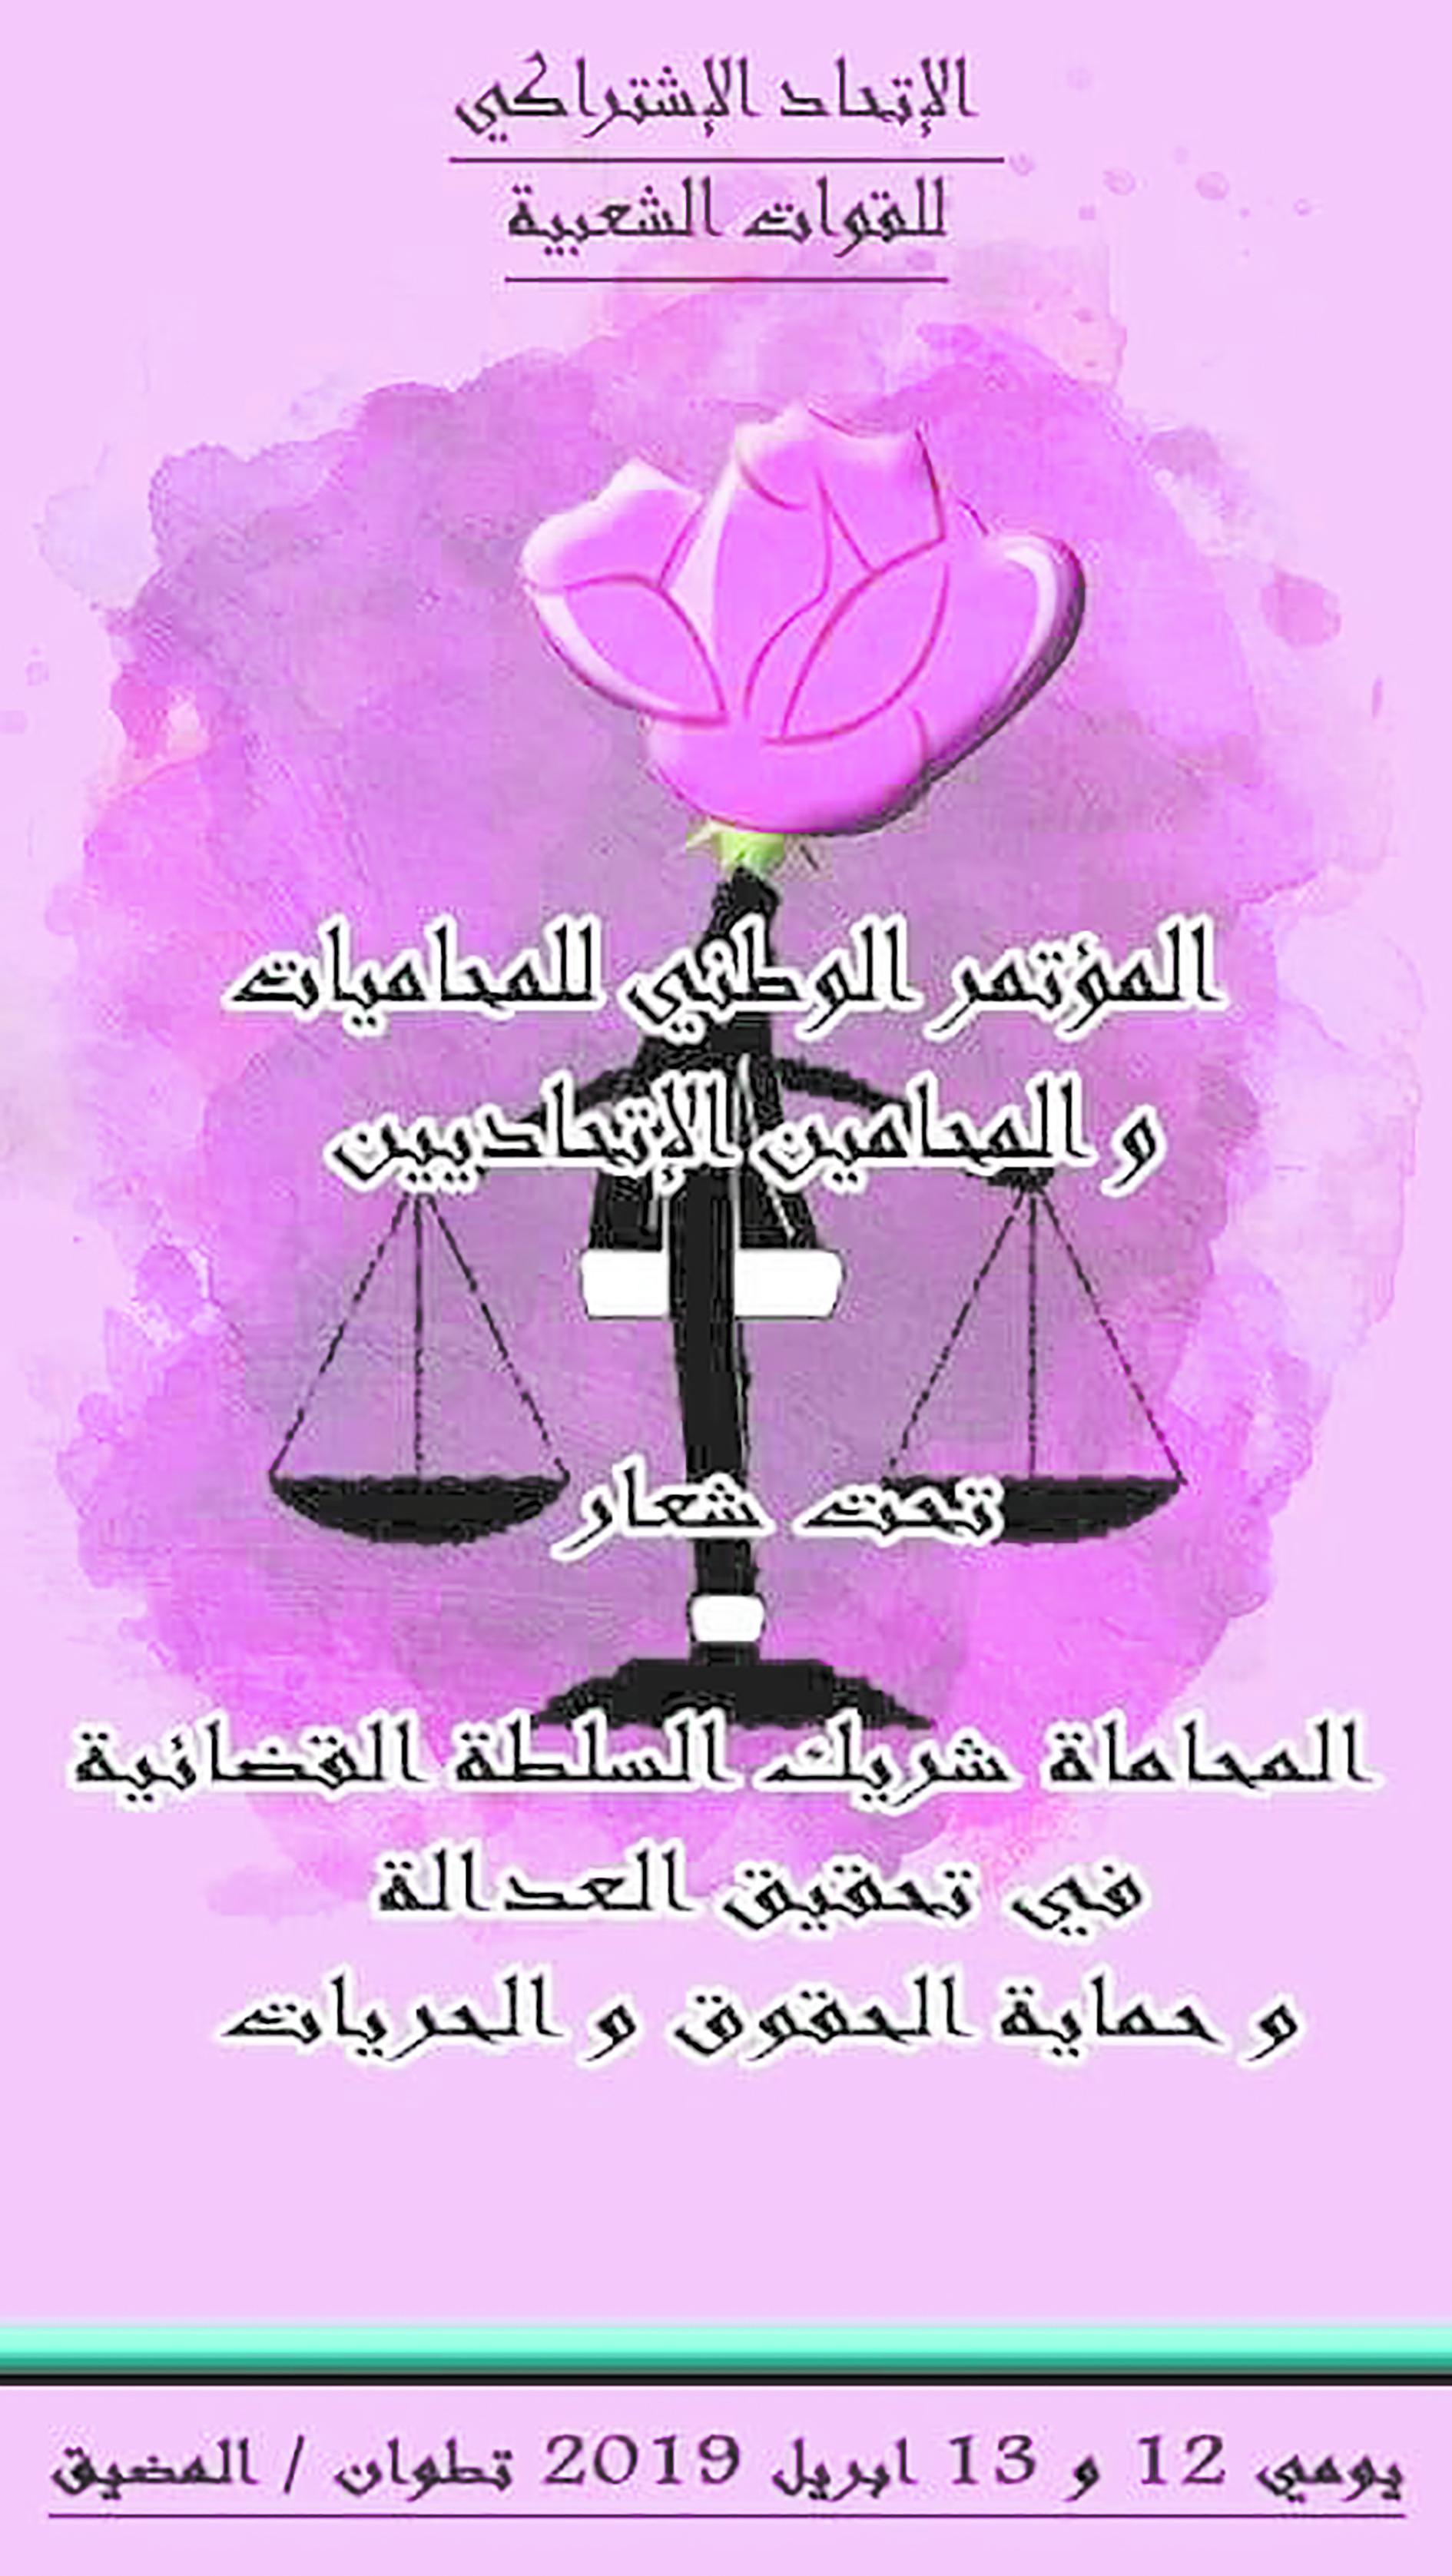 Congrès national des avocats ittihadis à M'diq